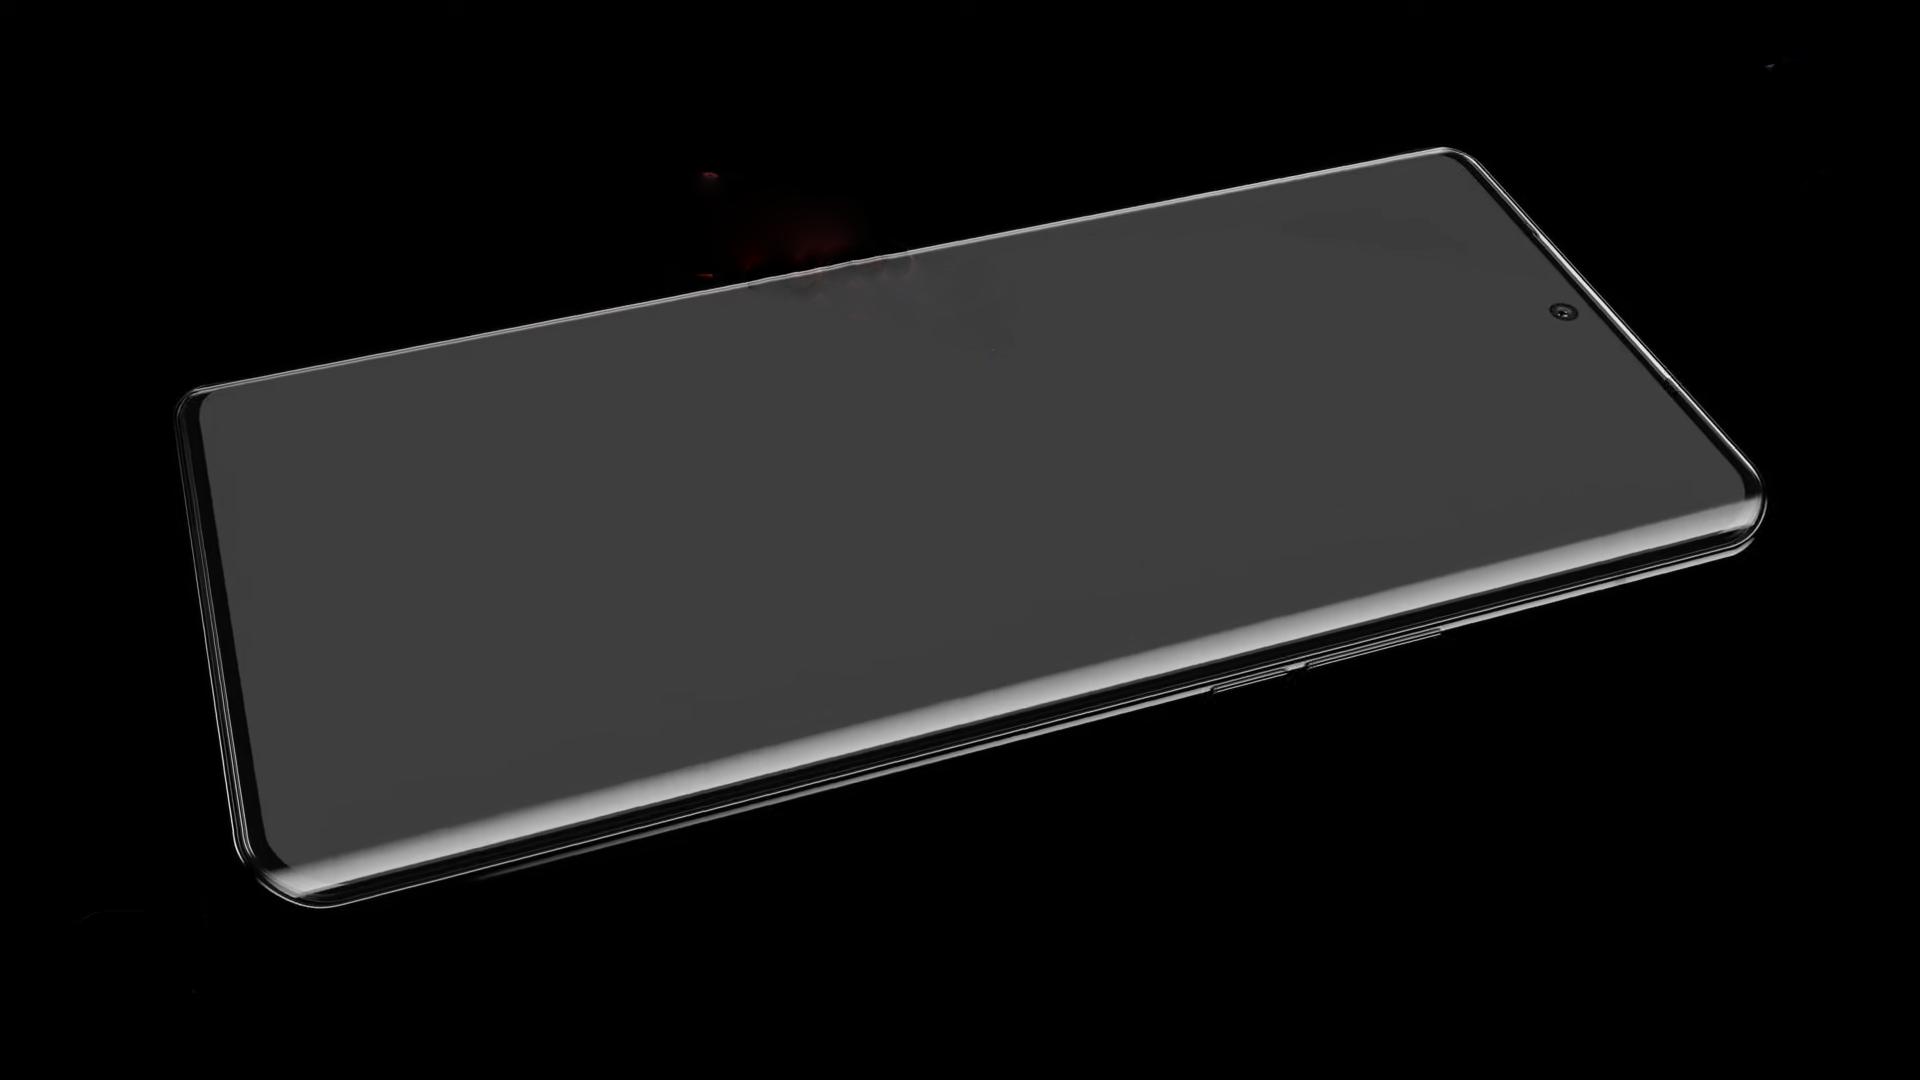 华为P50概念新机,后置6400万五摄,都极为出色 数码科技 第2张